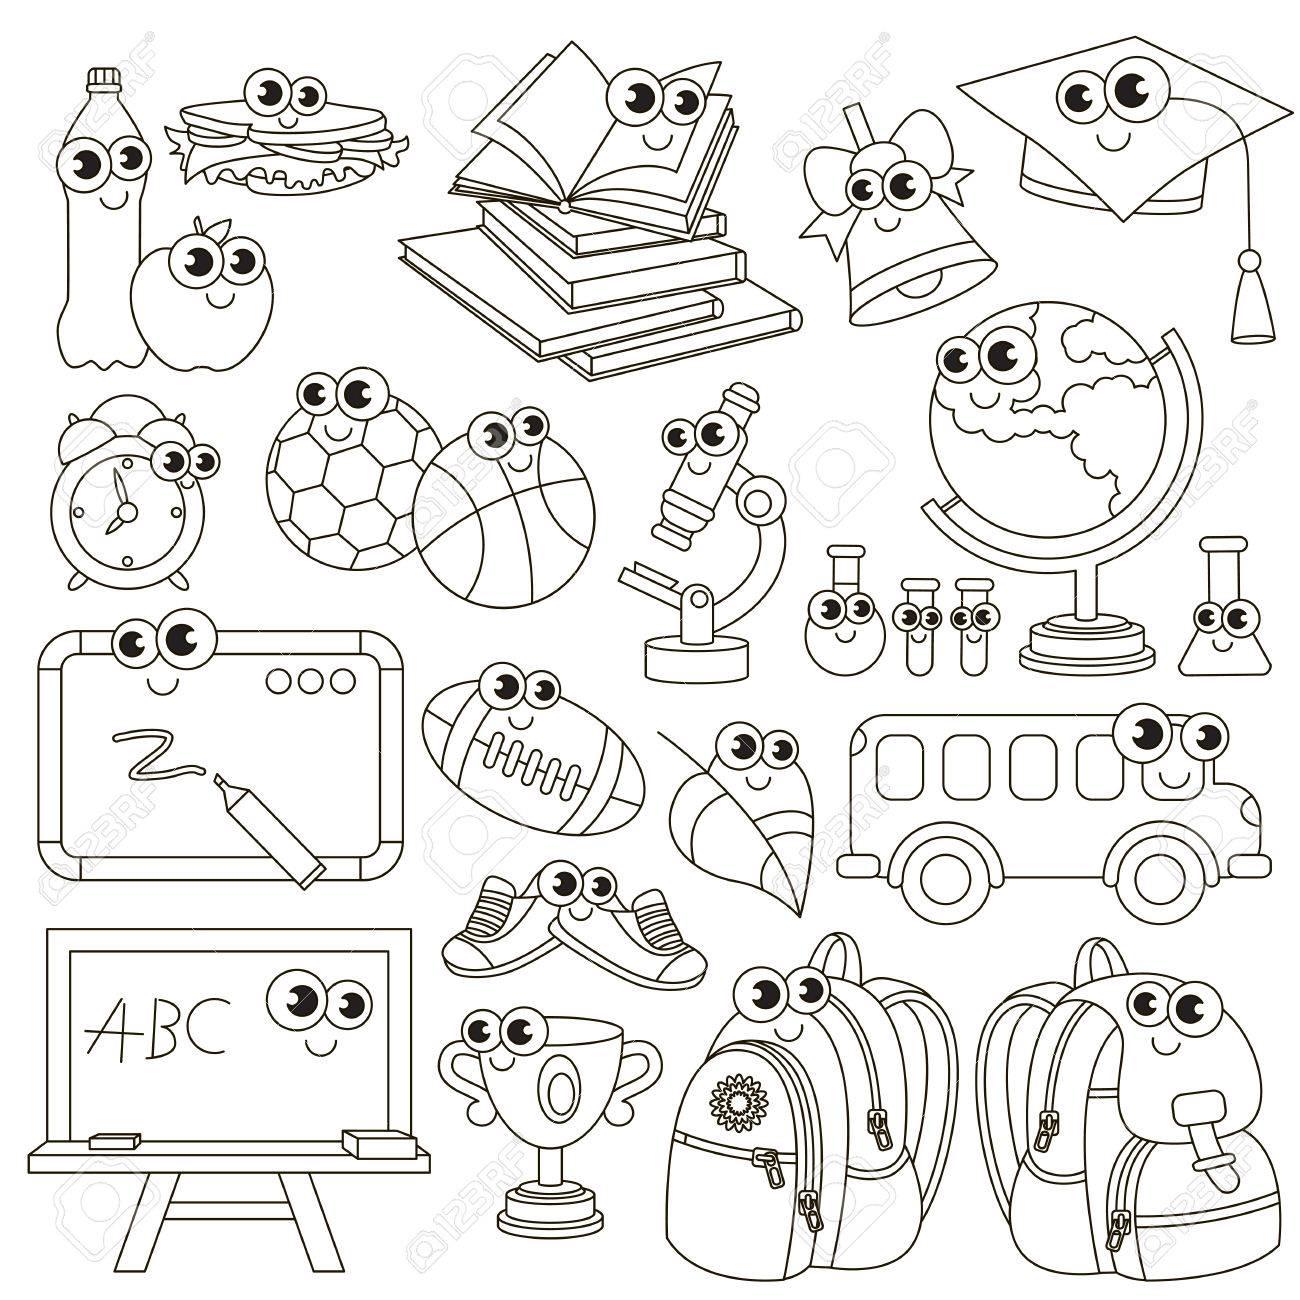 El Portero De La Escuela Debe Ser Coloreado Libro Para Colorear Para Educar A Los Niños Preescolares Fácil Niño Juegos Educativos Y Educación